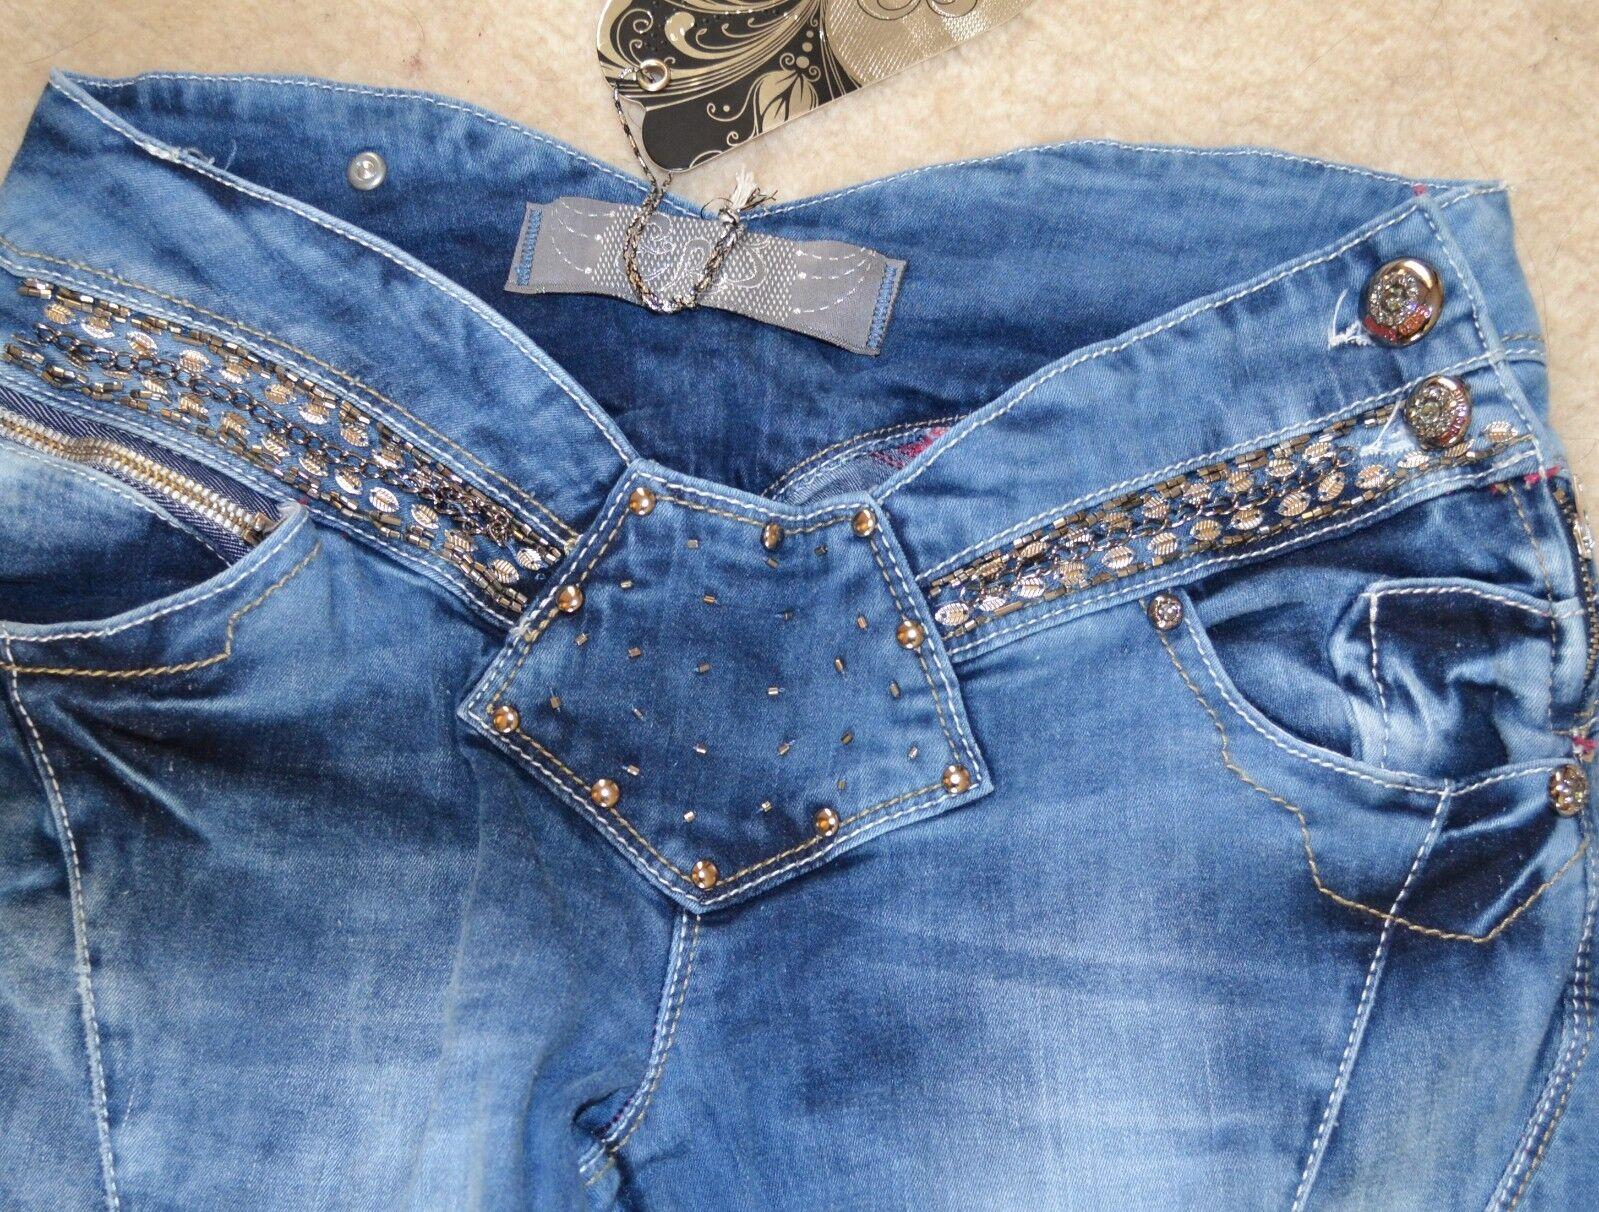 Neu Designer ESTERO RAGAZZA Jeans  W28 L34   NP 129 99 EURO